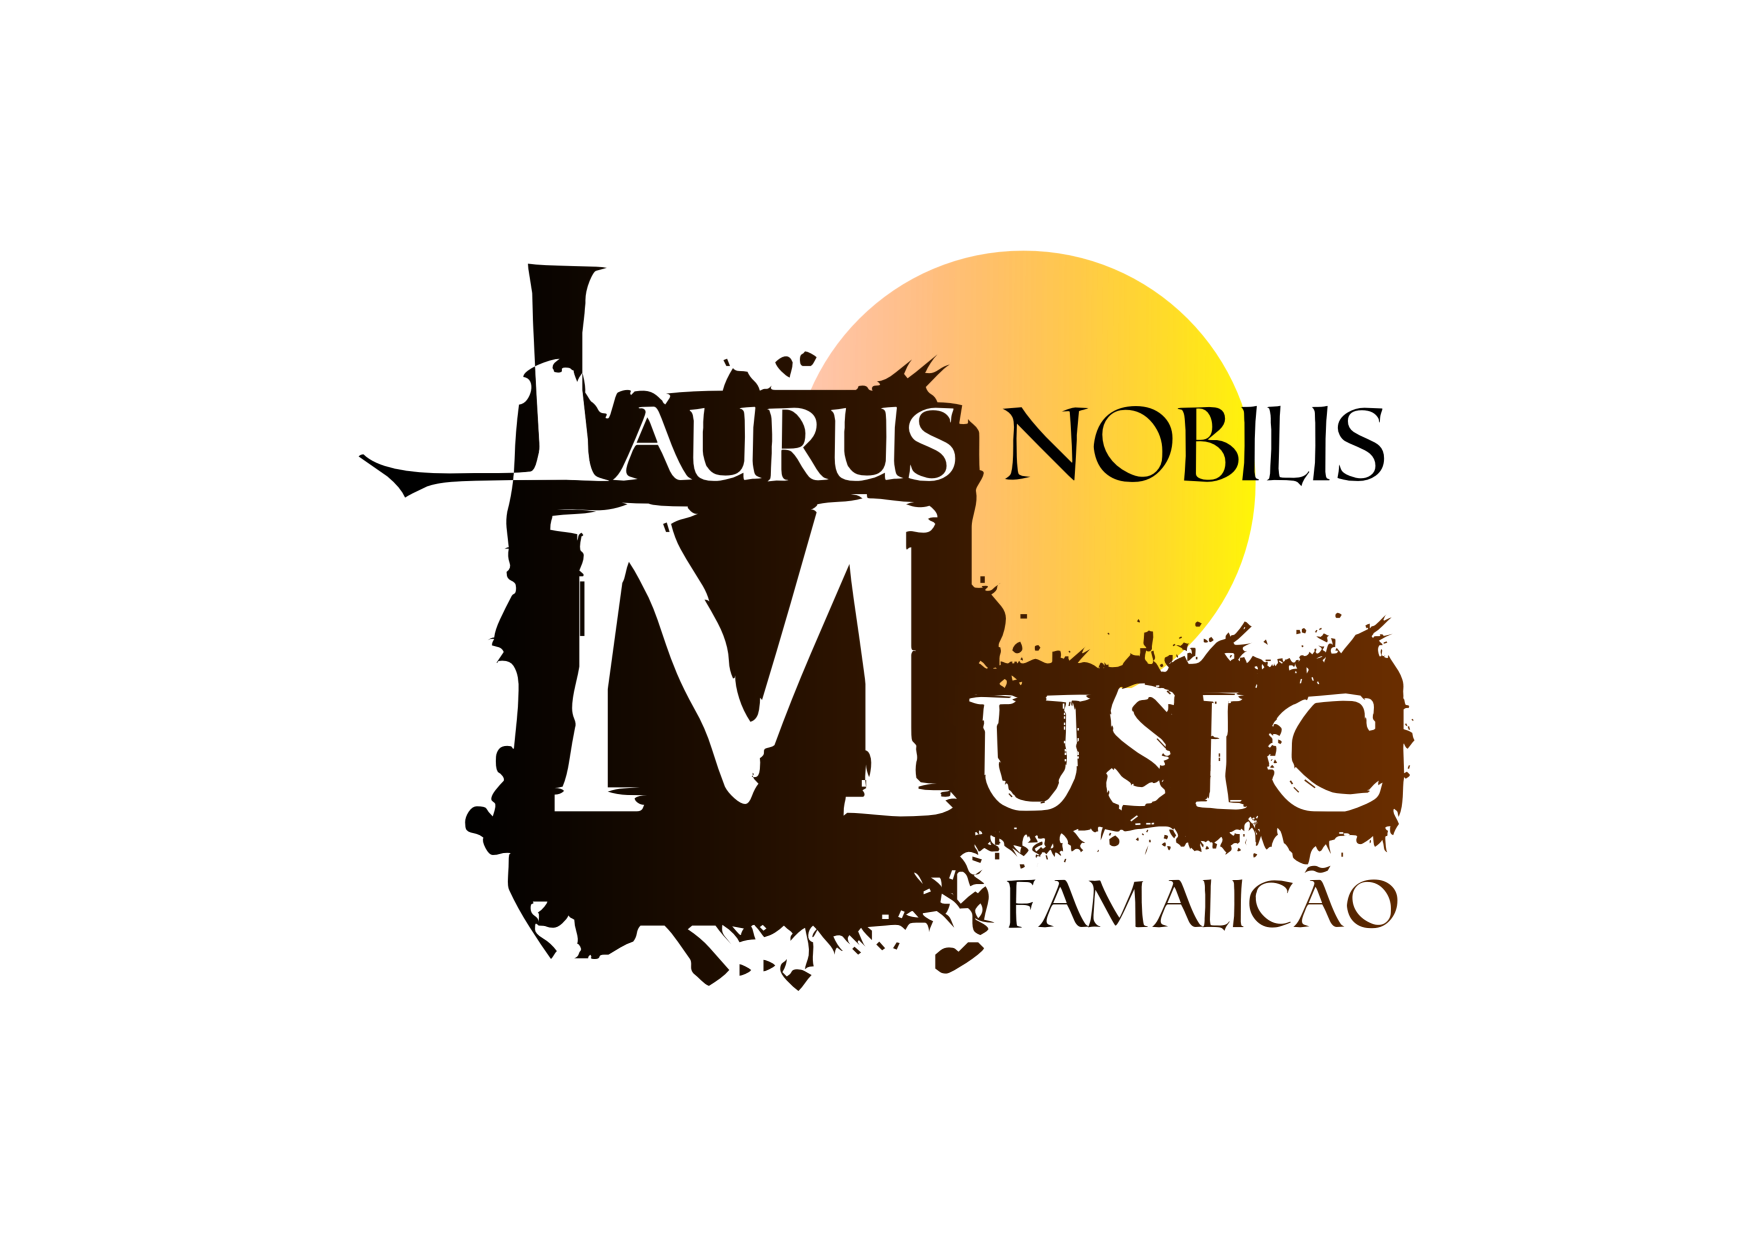 LAURUS NOBILIS MUSIC FAMALICÃO